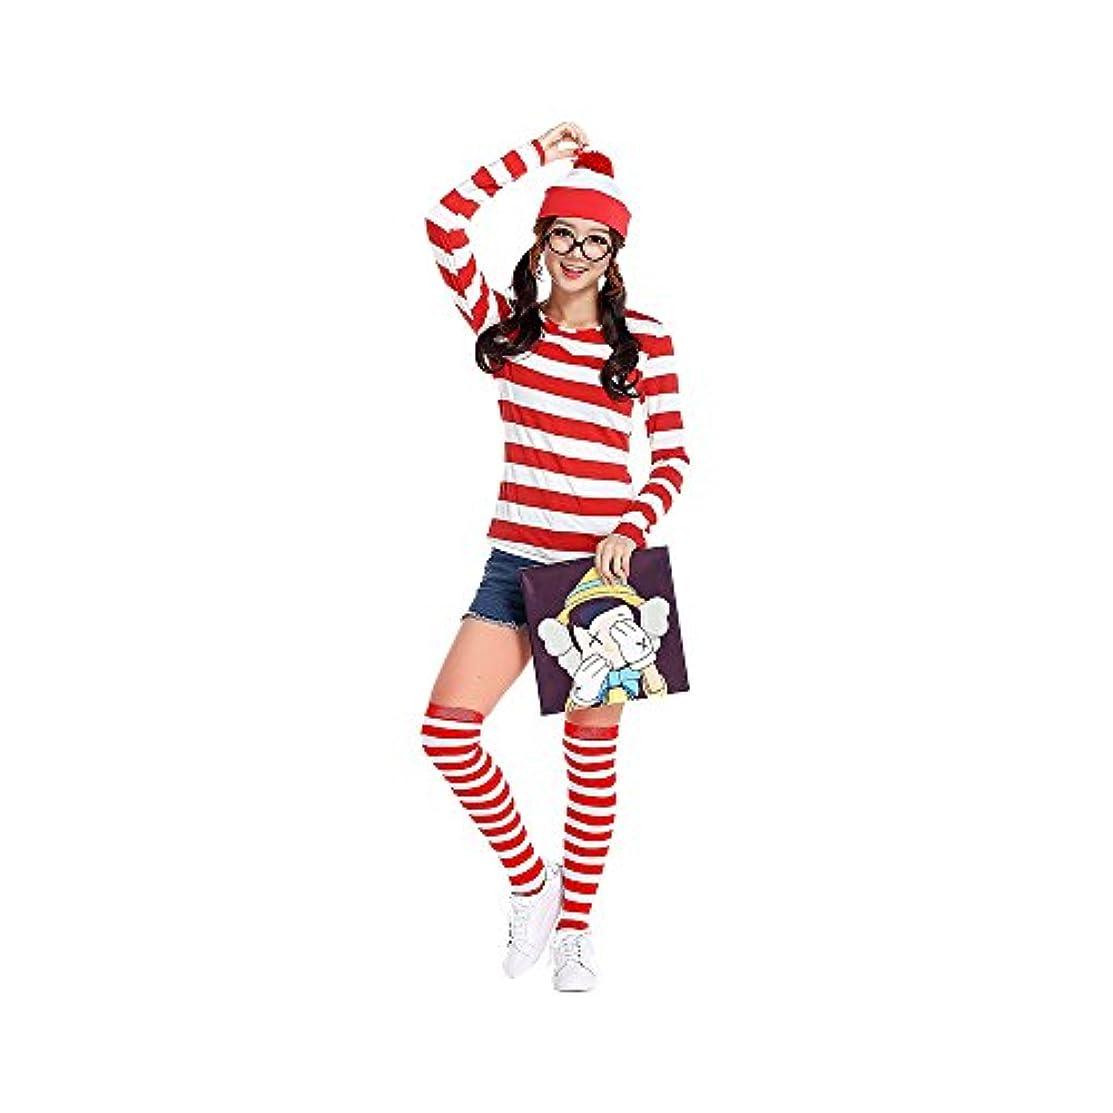 次へ進化するたとえノーブランド品 ウォーリーを探せ Where's Wally コスプレ ウォーリー ウェンダ コスチューム レディース 大人用 ハロウィン衣装 仮装 文化祭 4点セット   男女共用 (帽子+Tシャツ+ソックス+レンズなしメガネ)(XXL, レッド)